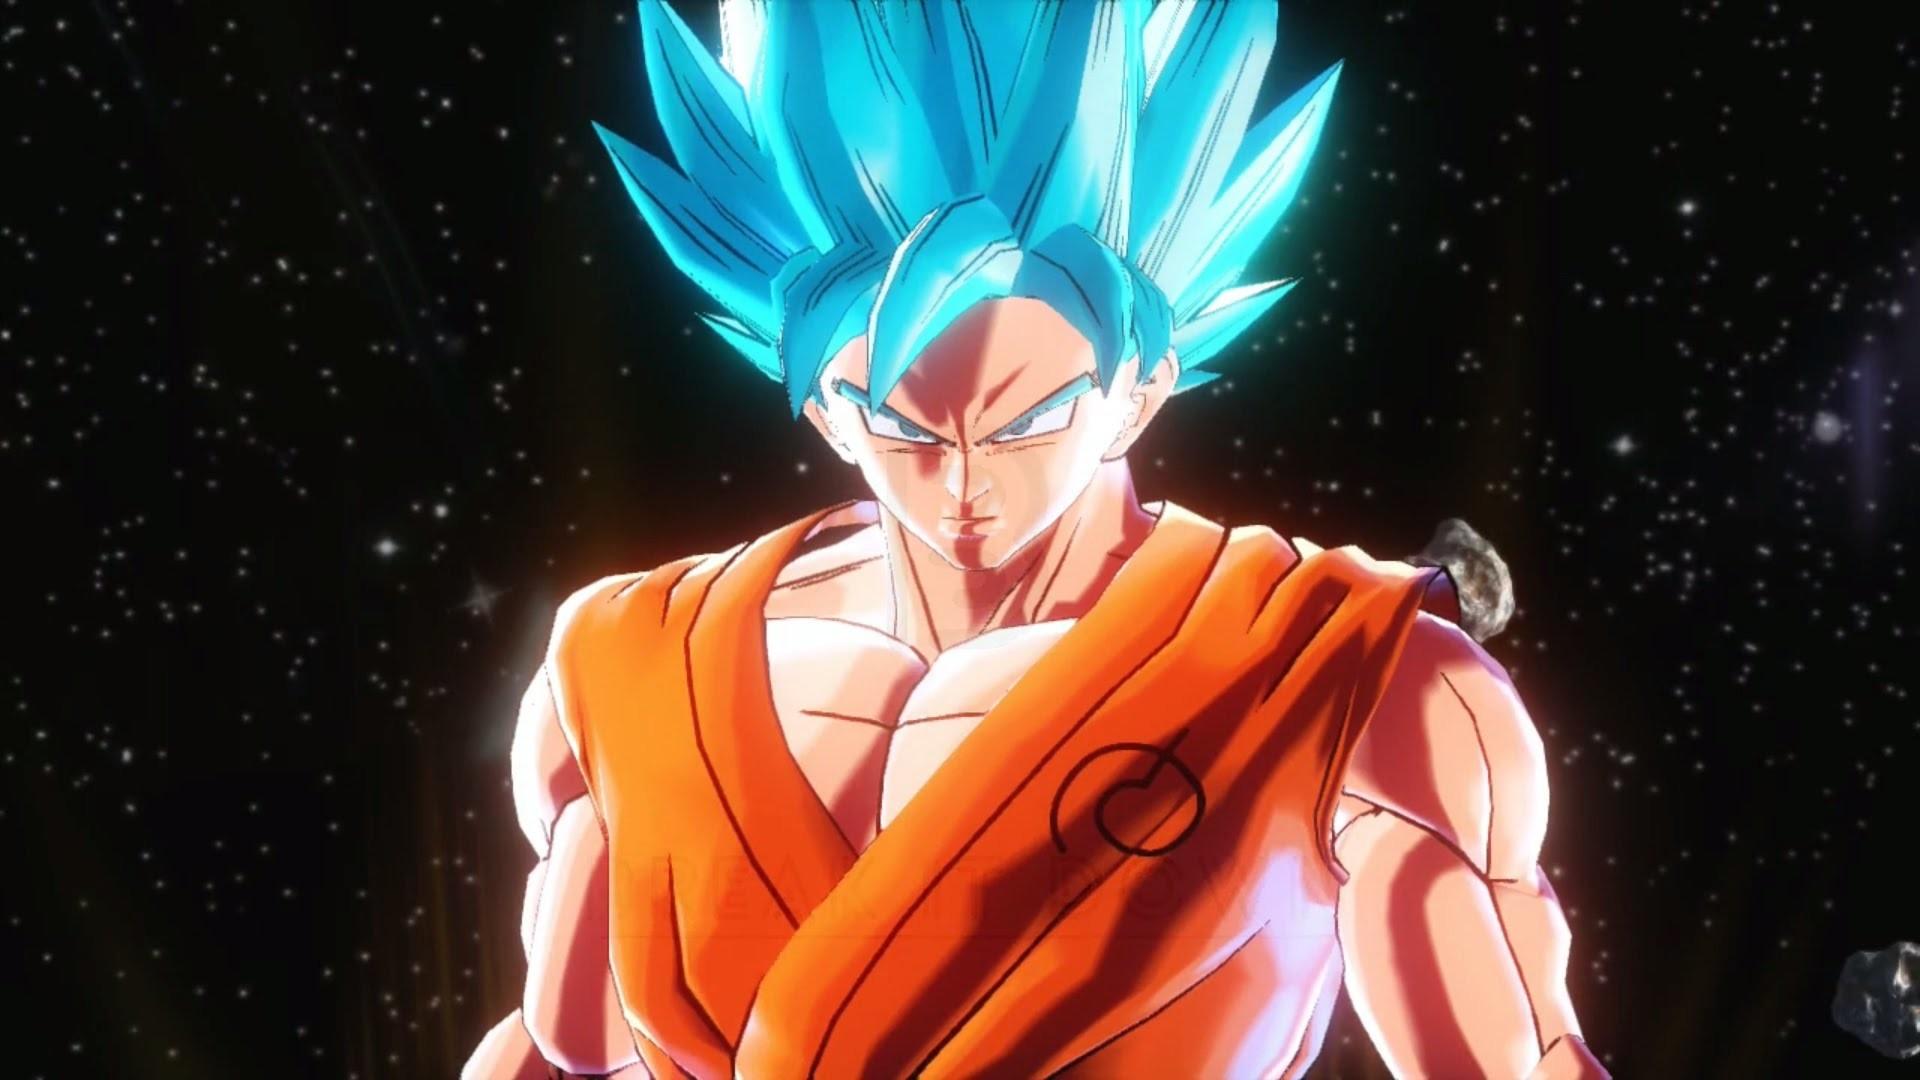 Ssgss Goku Wallpaper Hd 73 Images